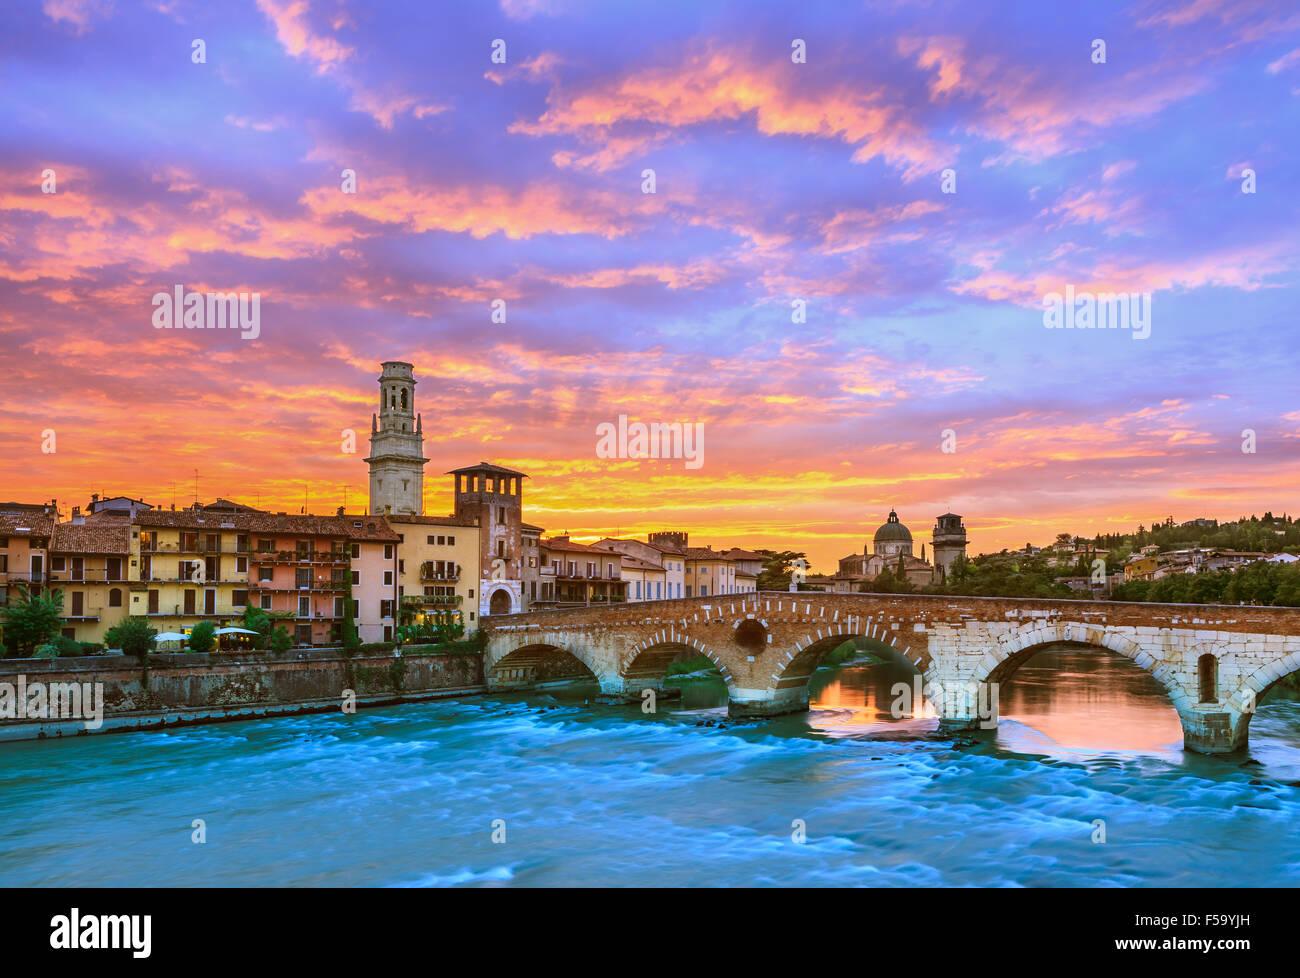 Ponte Pietra al tramonto sul fiume Adige a Verona, Italia Immagini Stock